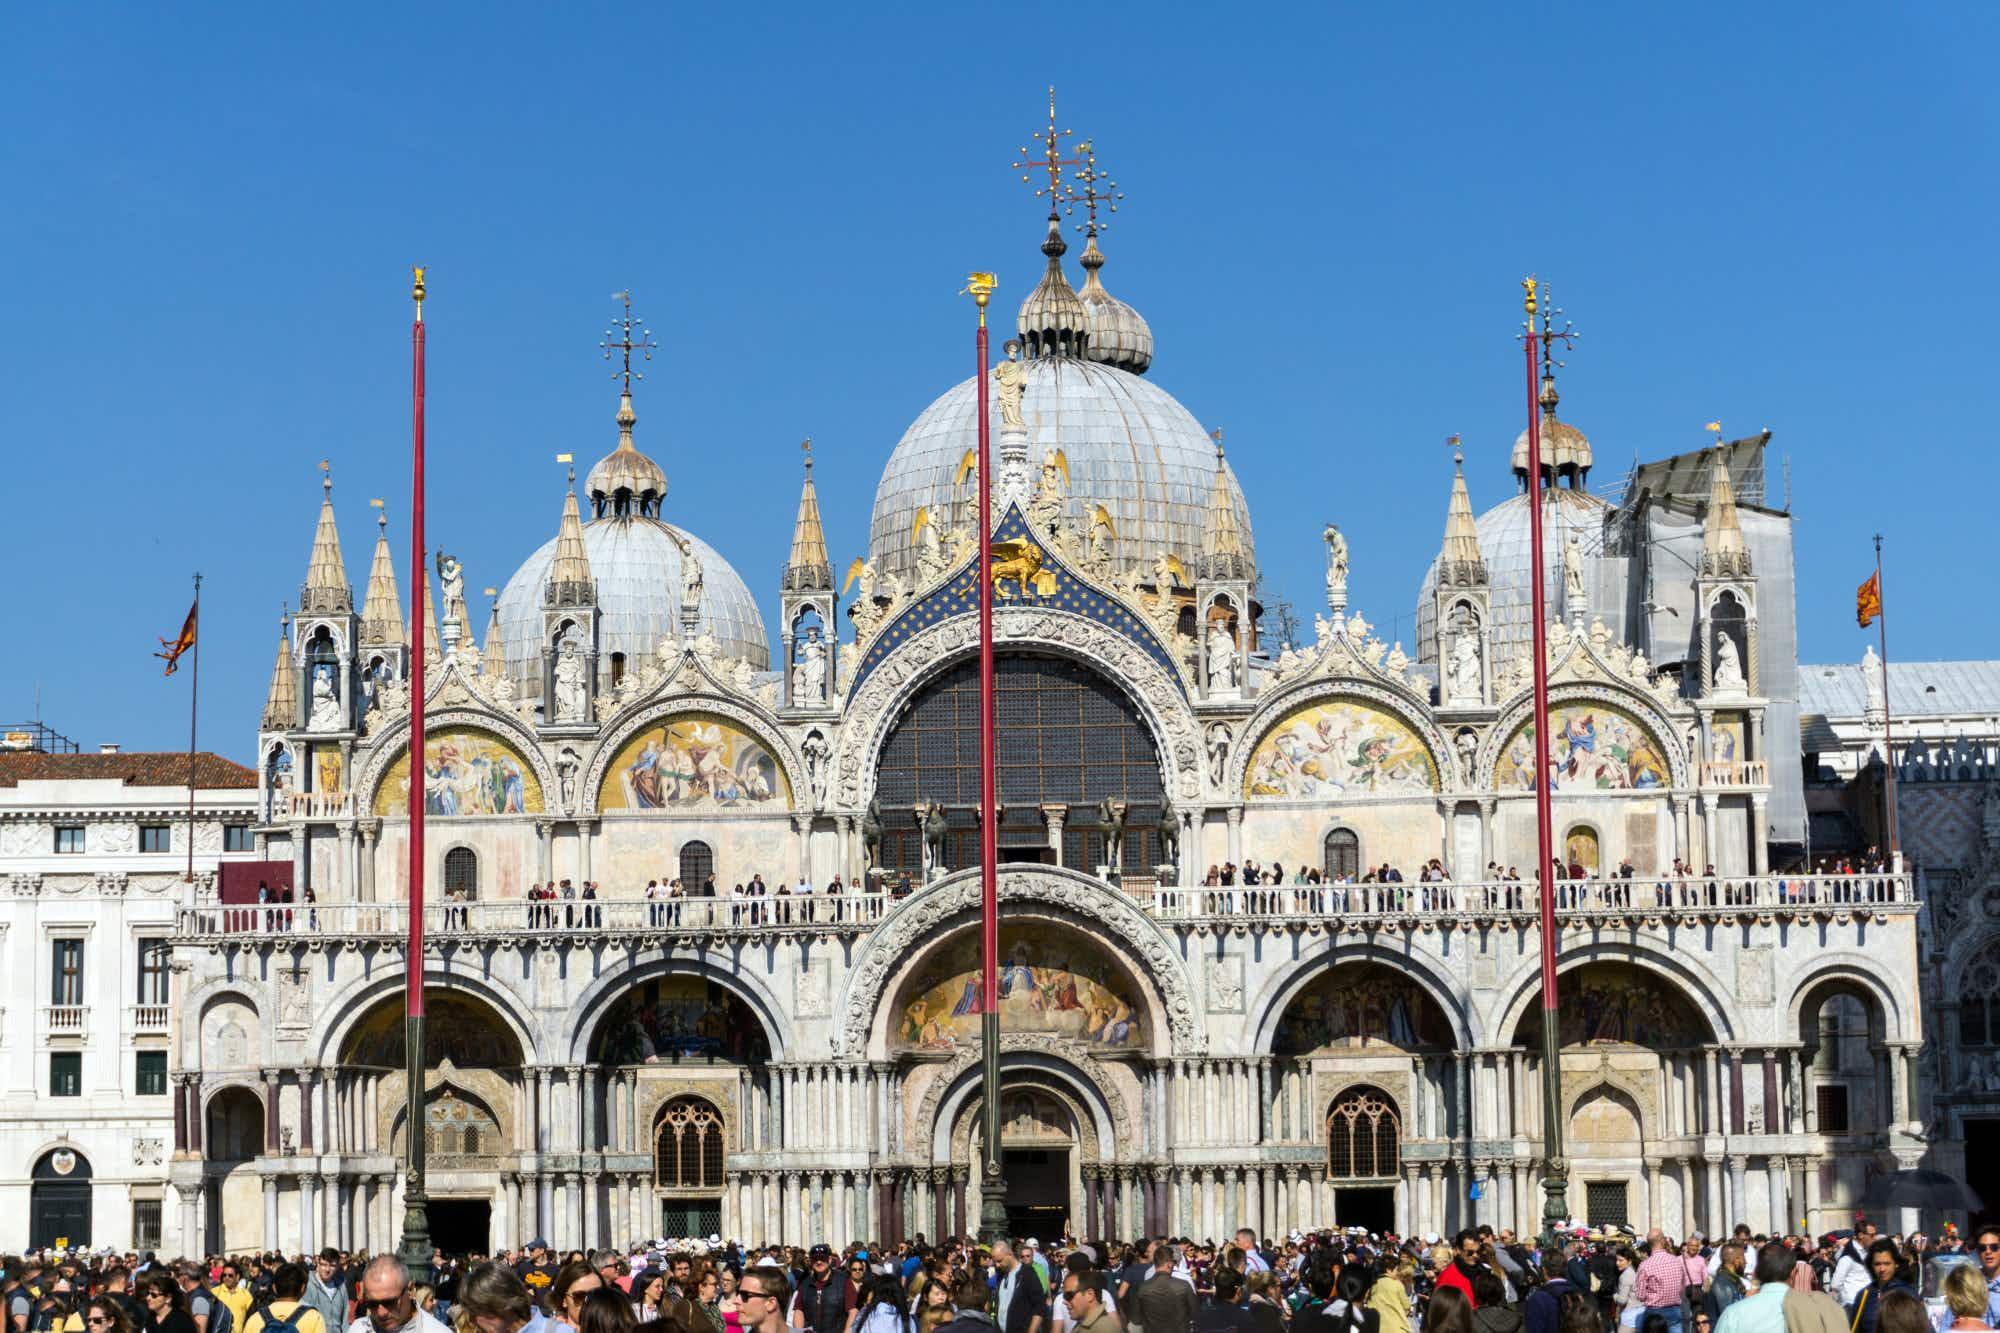 St Mark's mosaics return to shimmering splendour in Venice